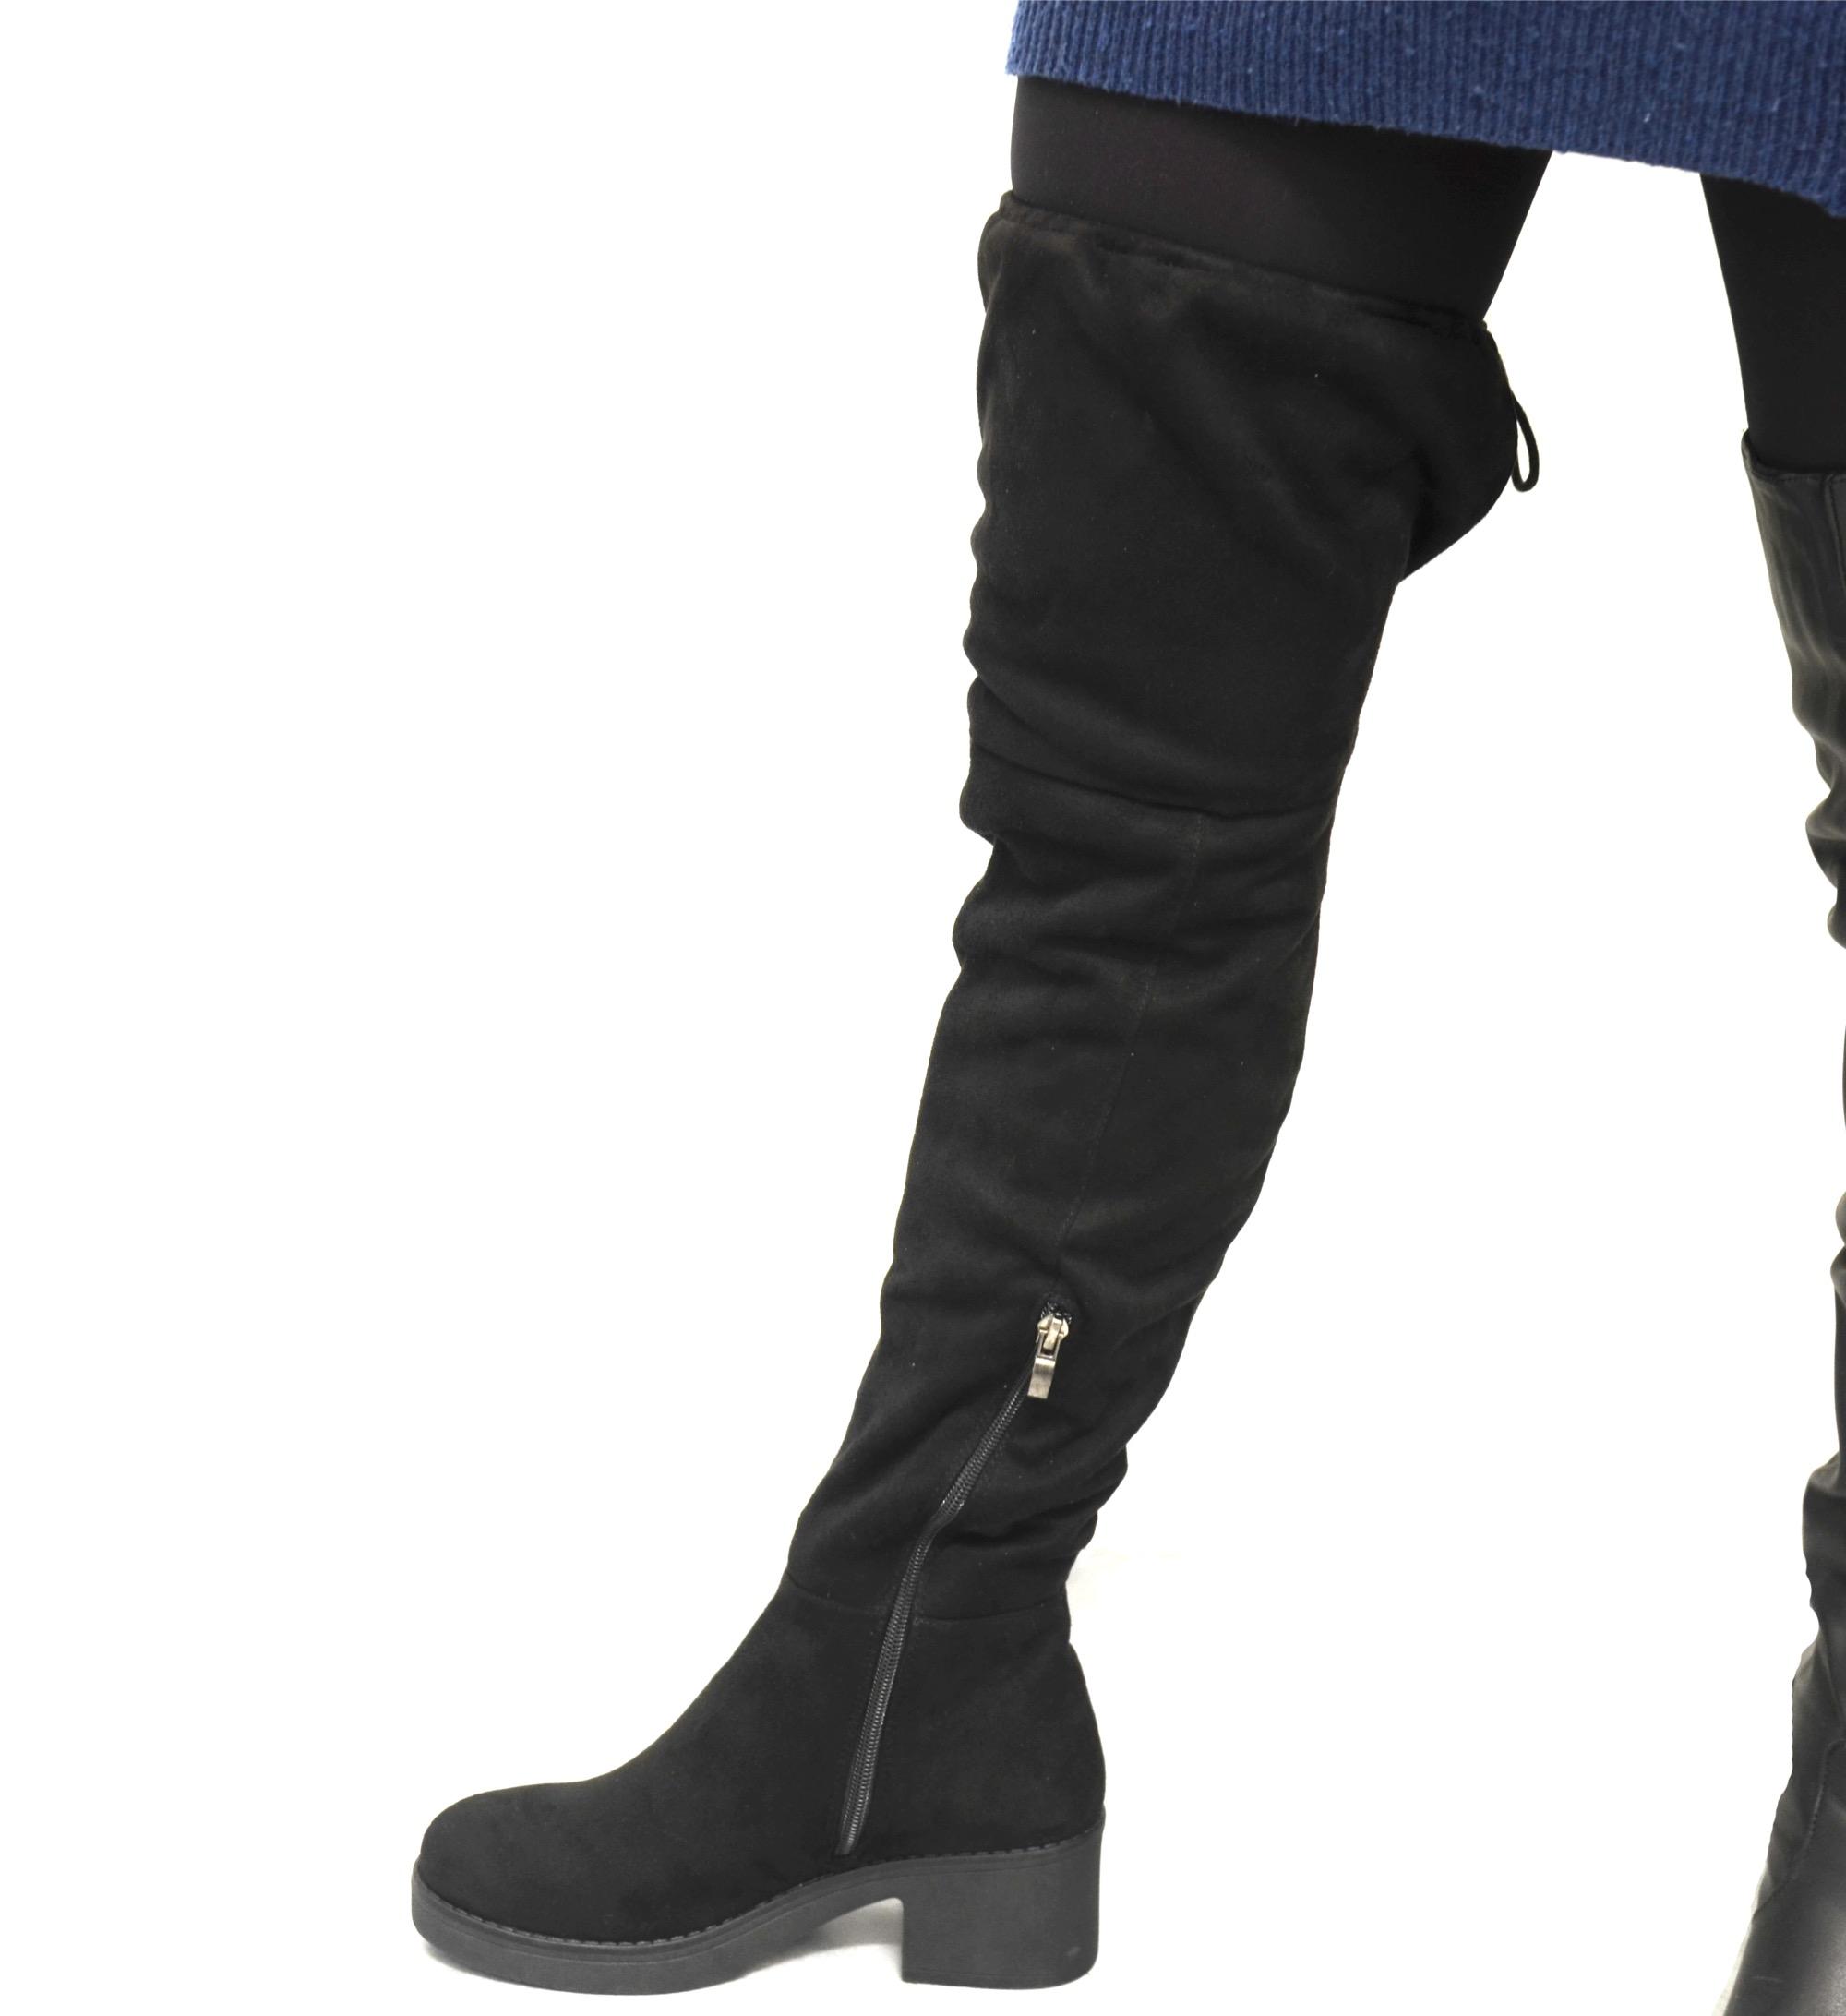 shf80 * cuissardes bottes longues effet daim uni avec petit talon